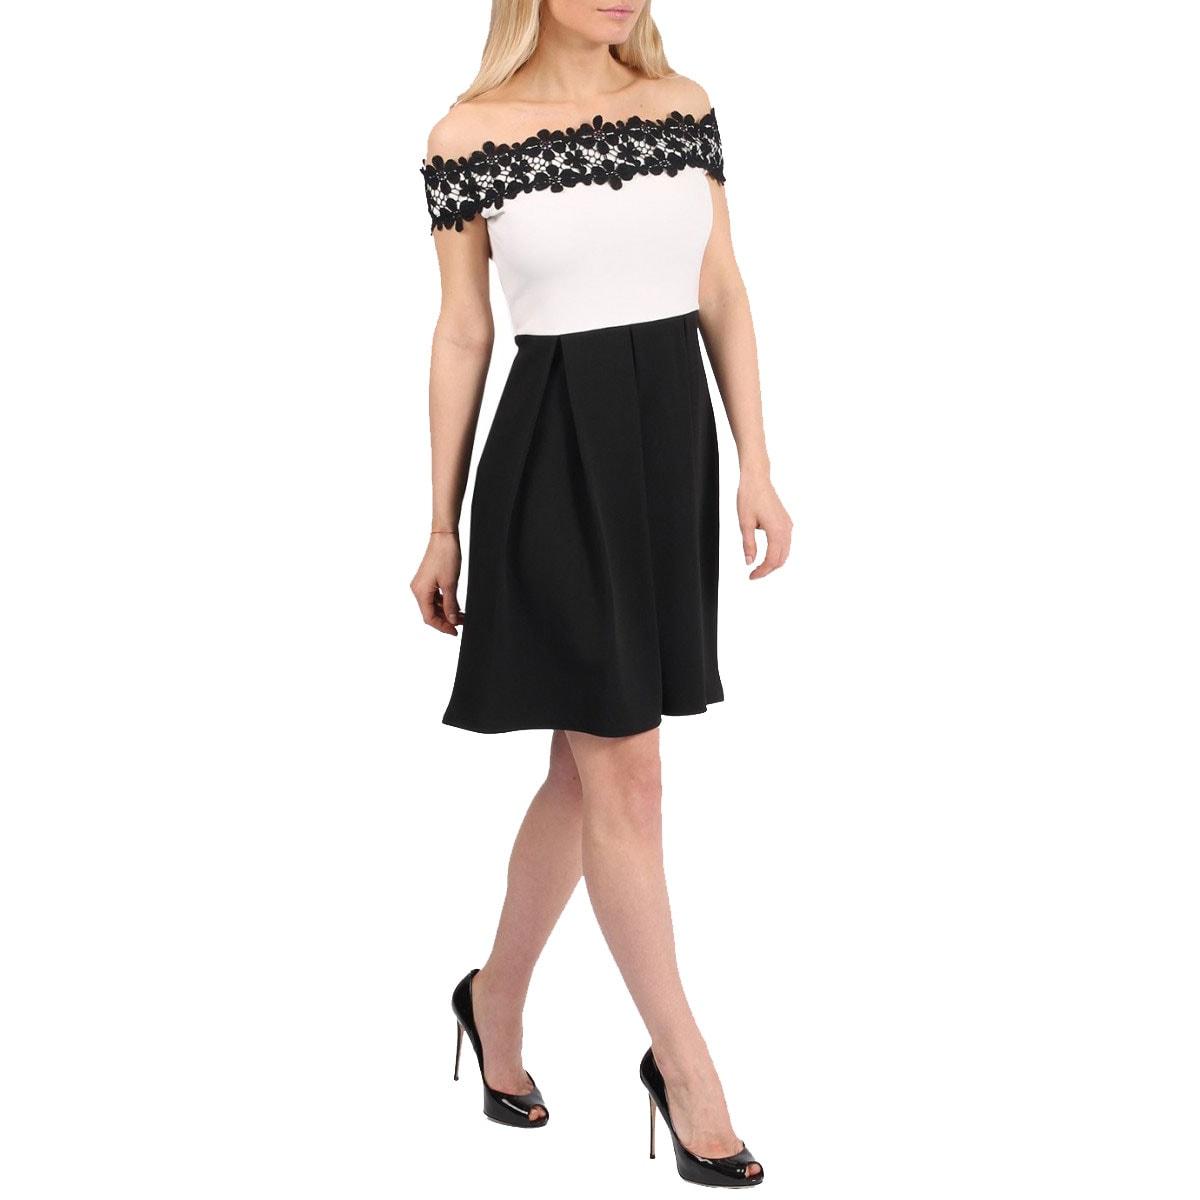 Φορέματα με έξω τους ώμους (16)